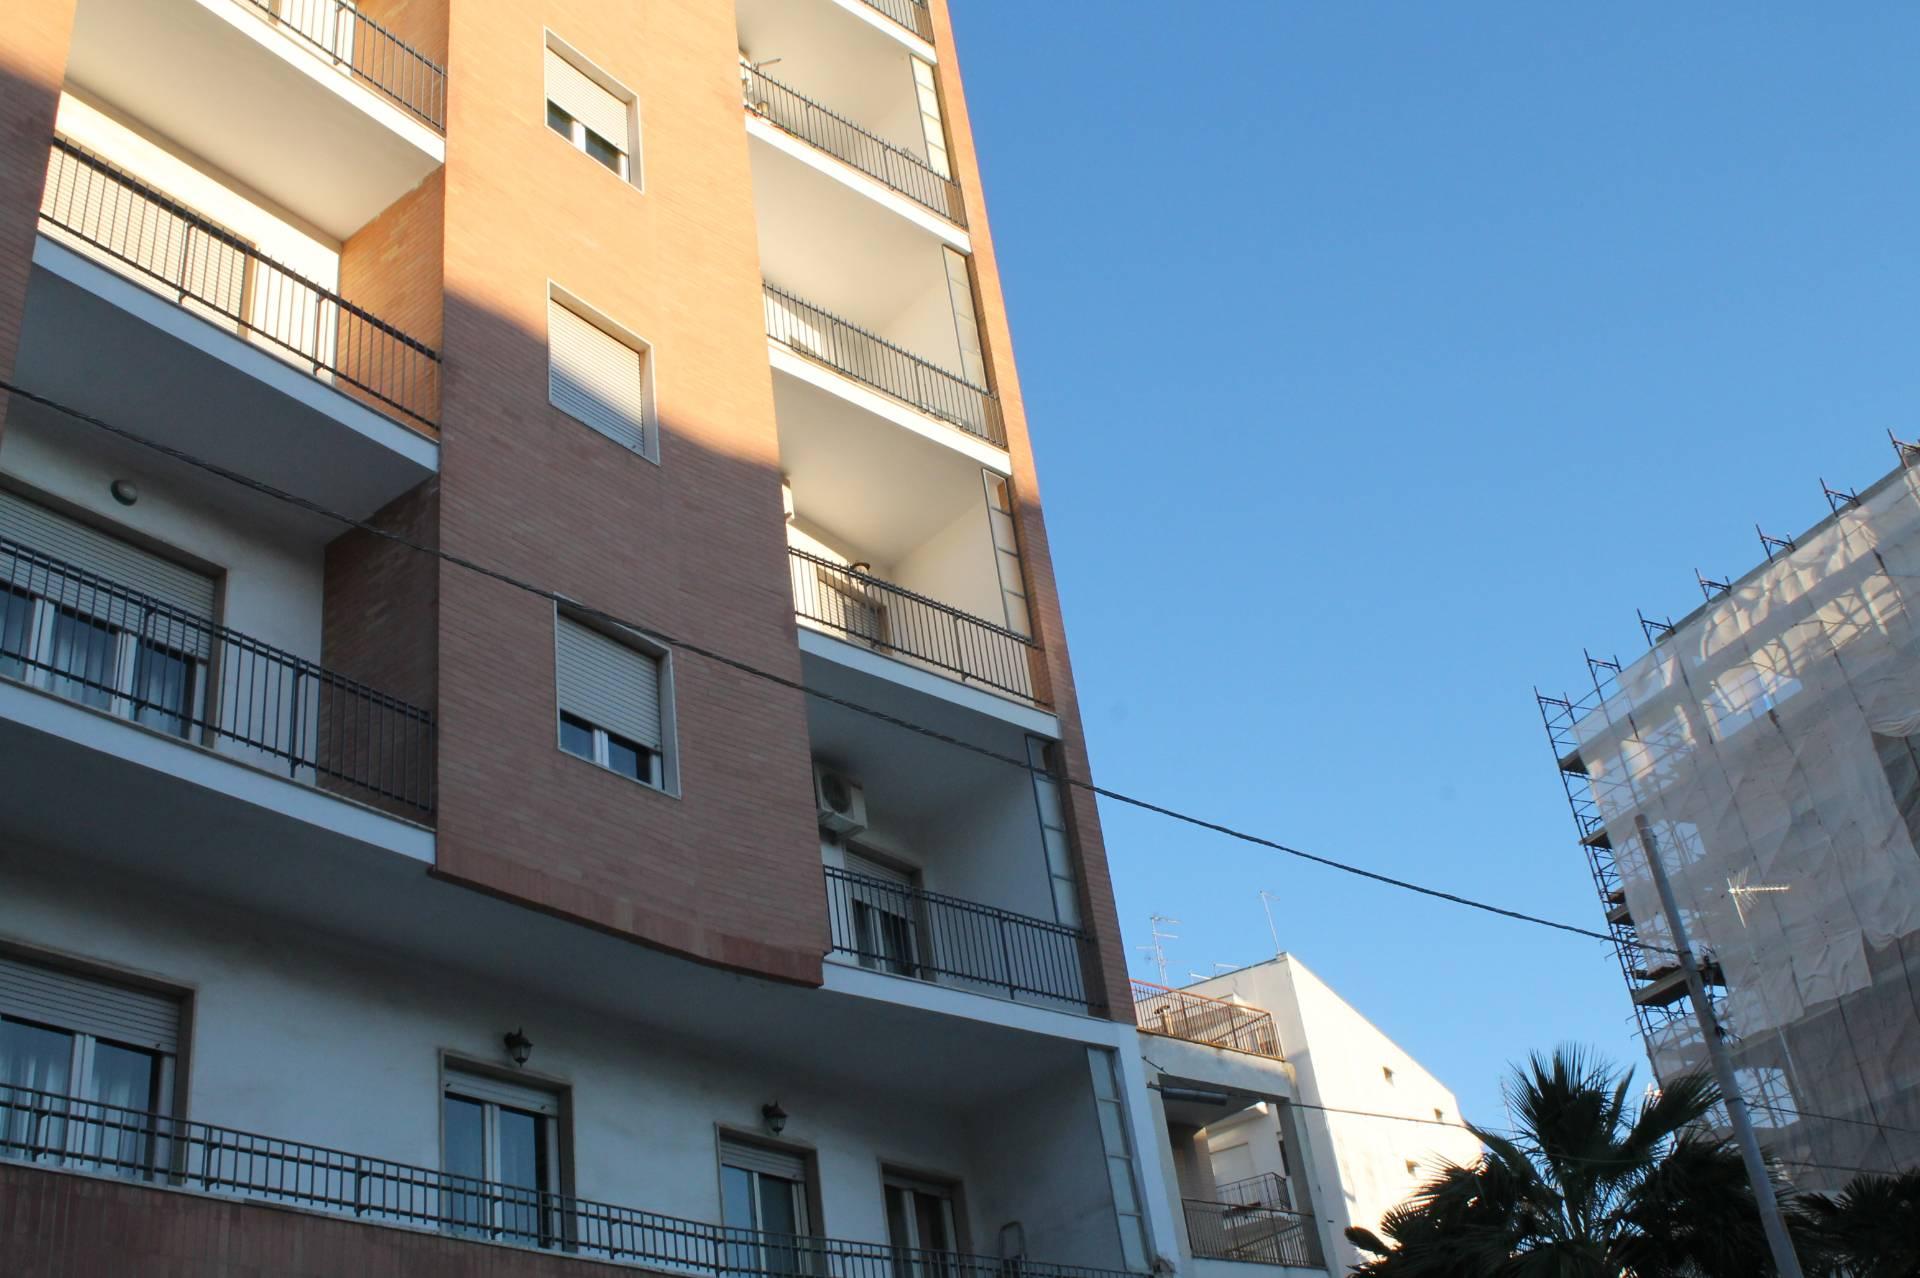 Appartamento in vendita a Lecce, 7 locali, zona Zona: Leuca, prezzo € 128.000   CambioCasa.it